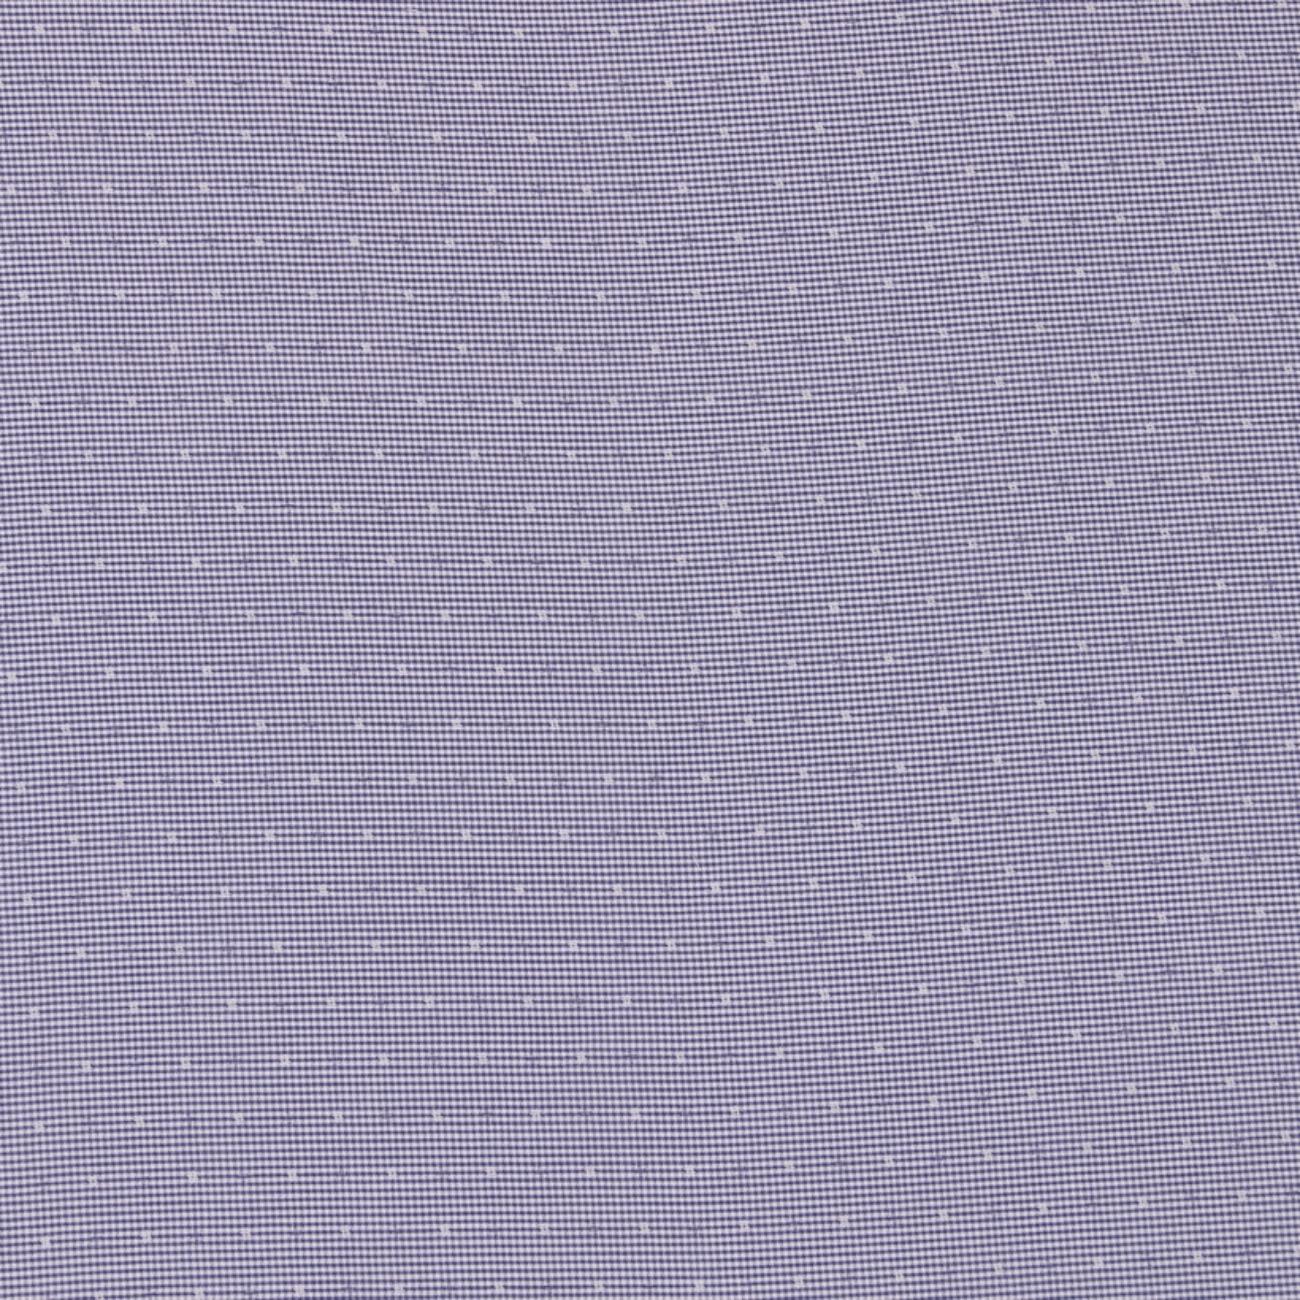 现货 格子梭织染色 无弹休闲时尚风格衬衫连衣裙 短裙 薄 色织布(染色) 春夏秋 60929-78